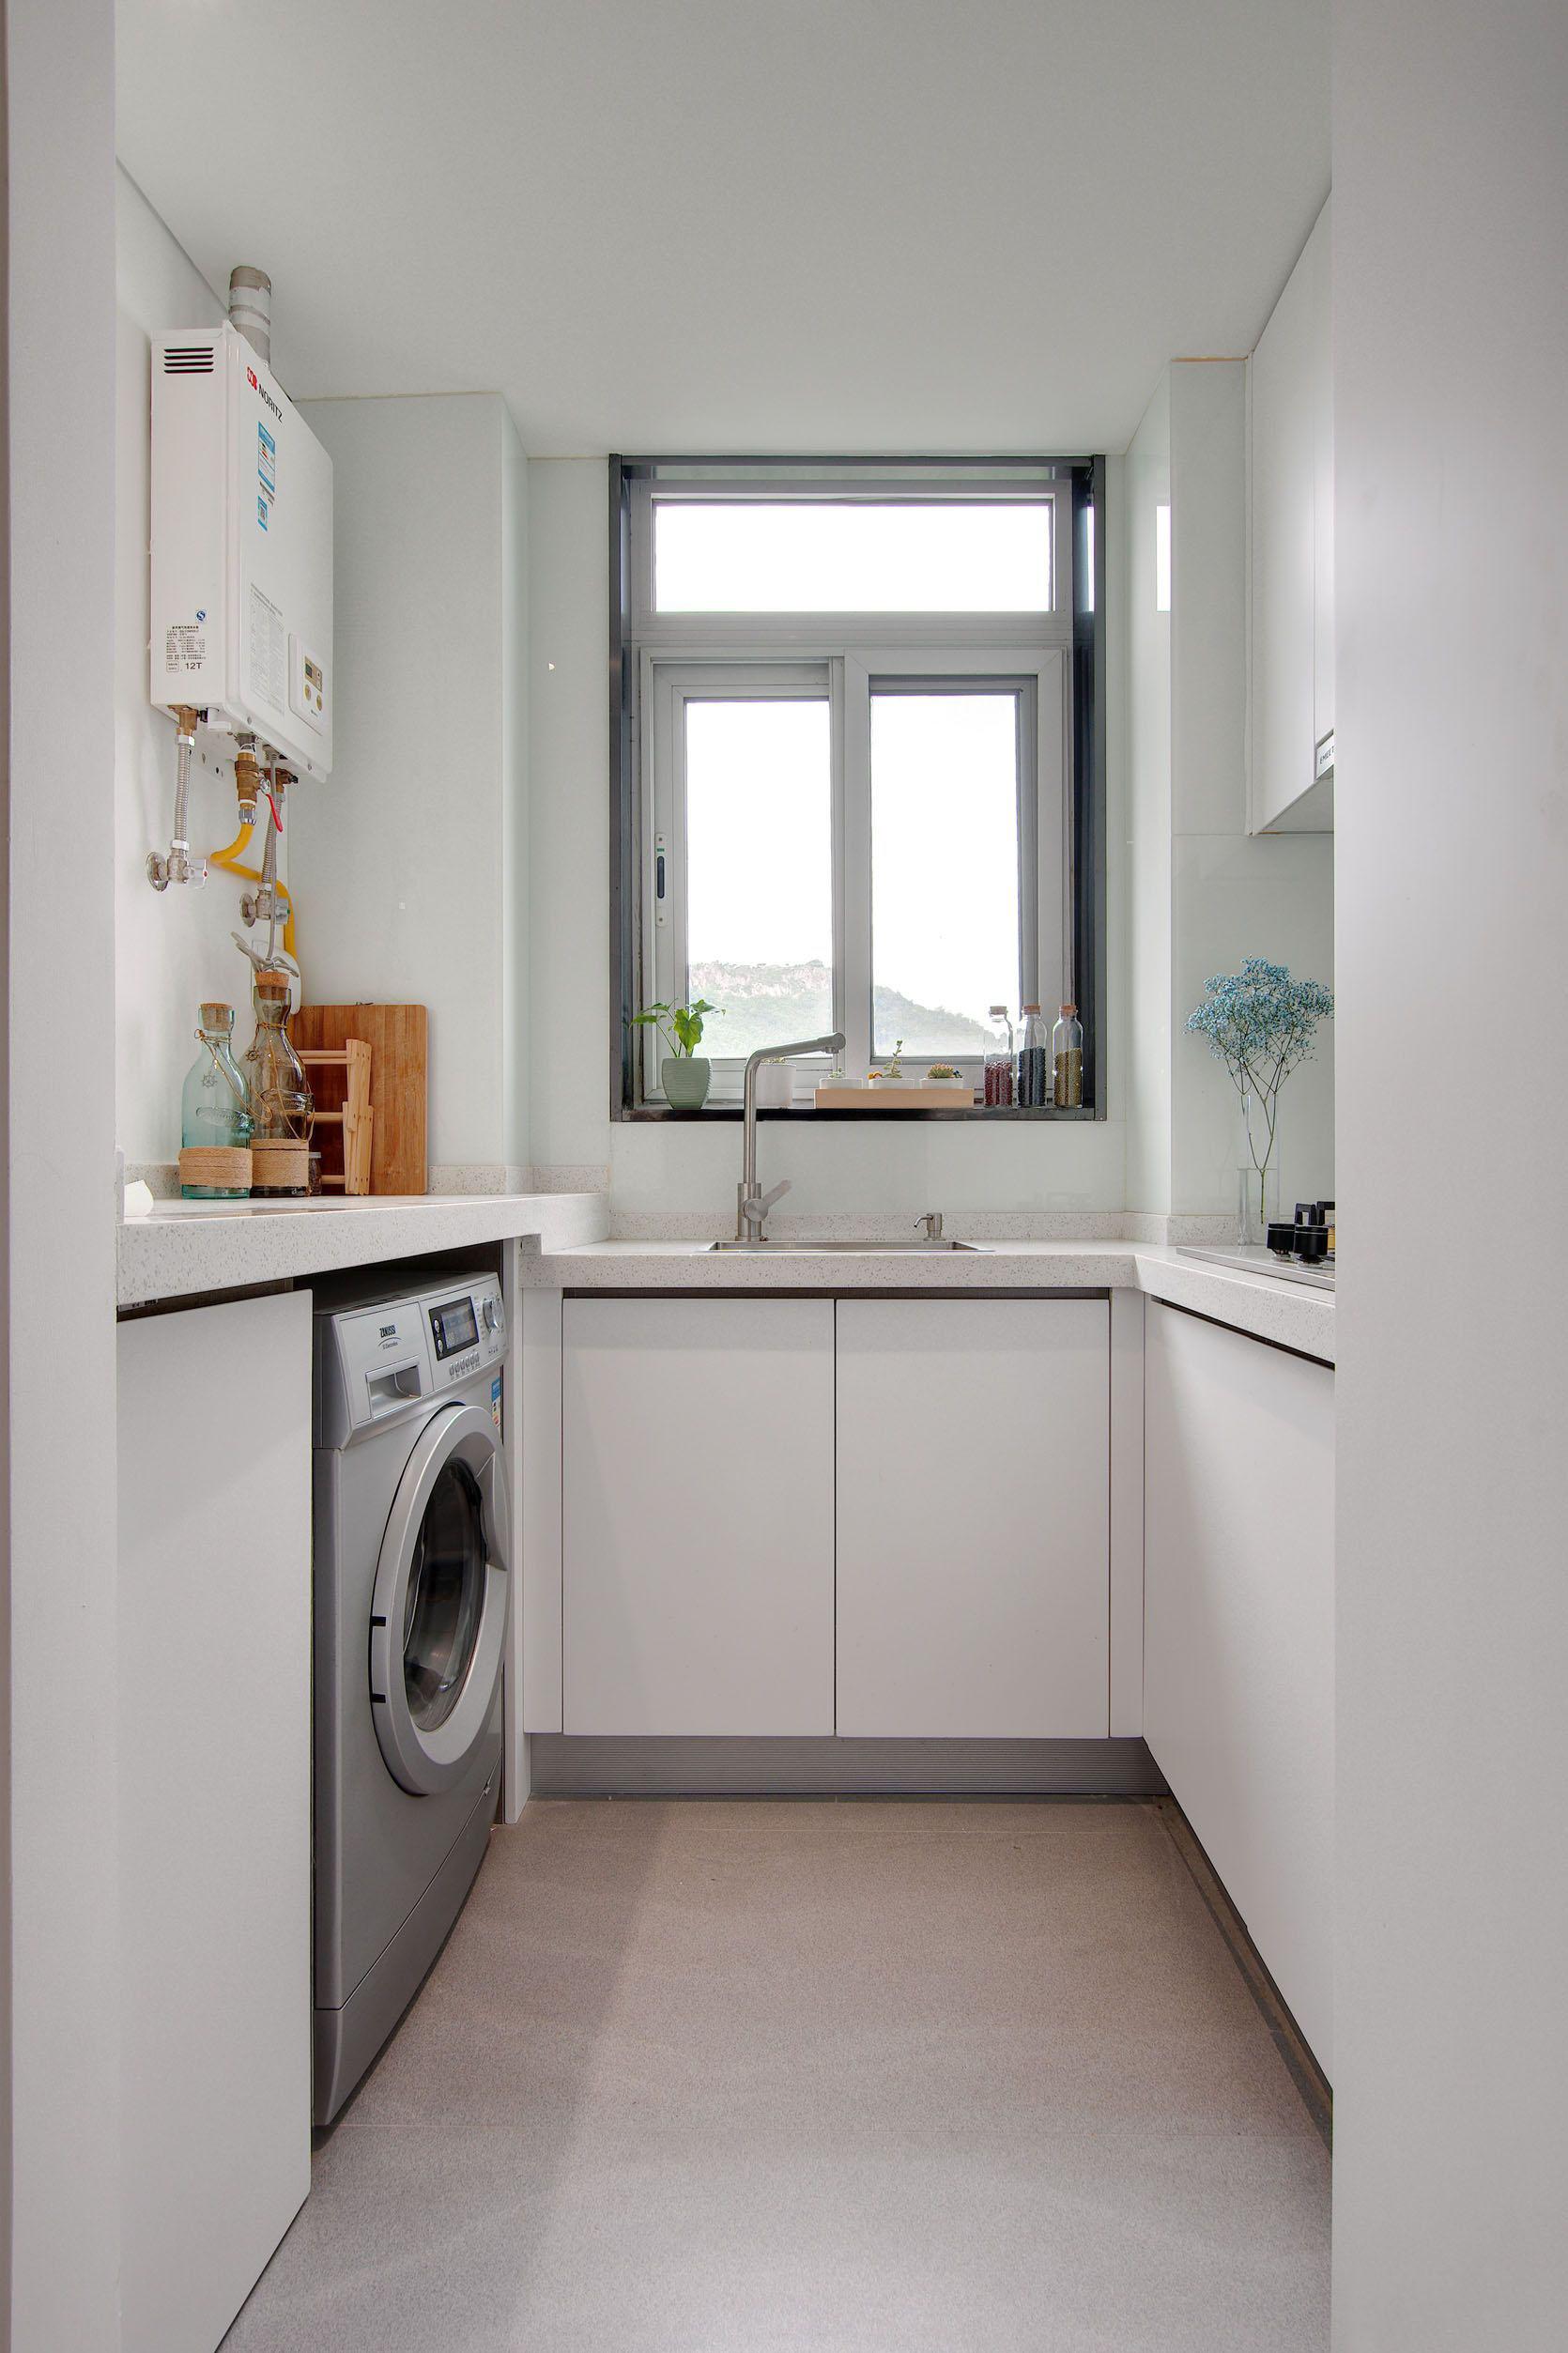 40㎡简约单身公寓厨房装修效果图